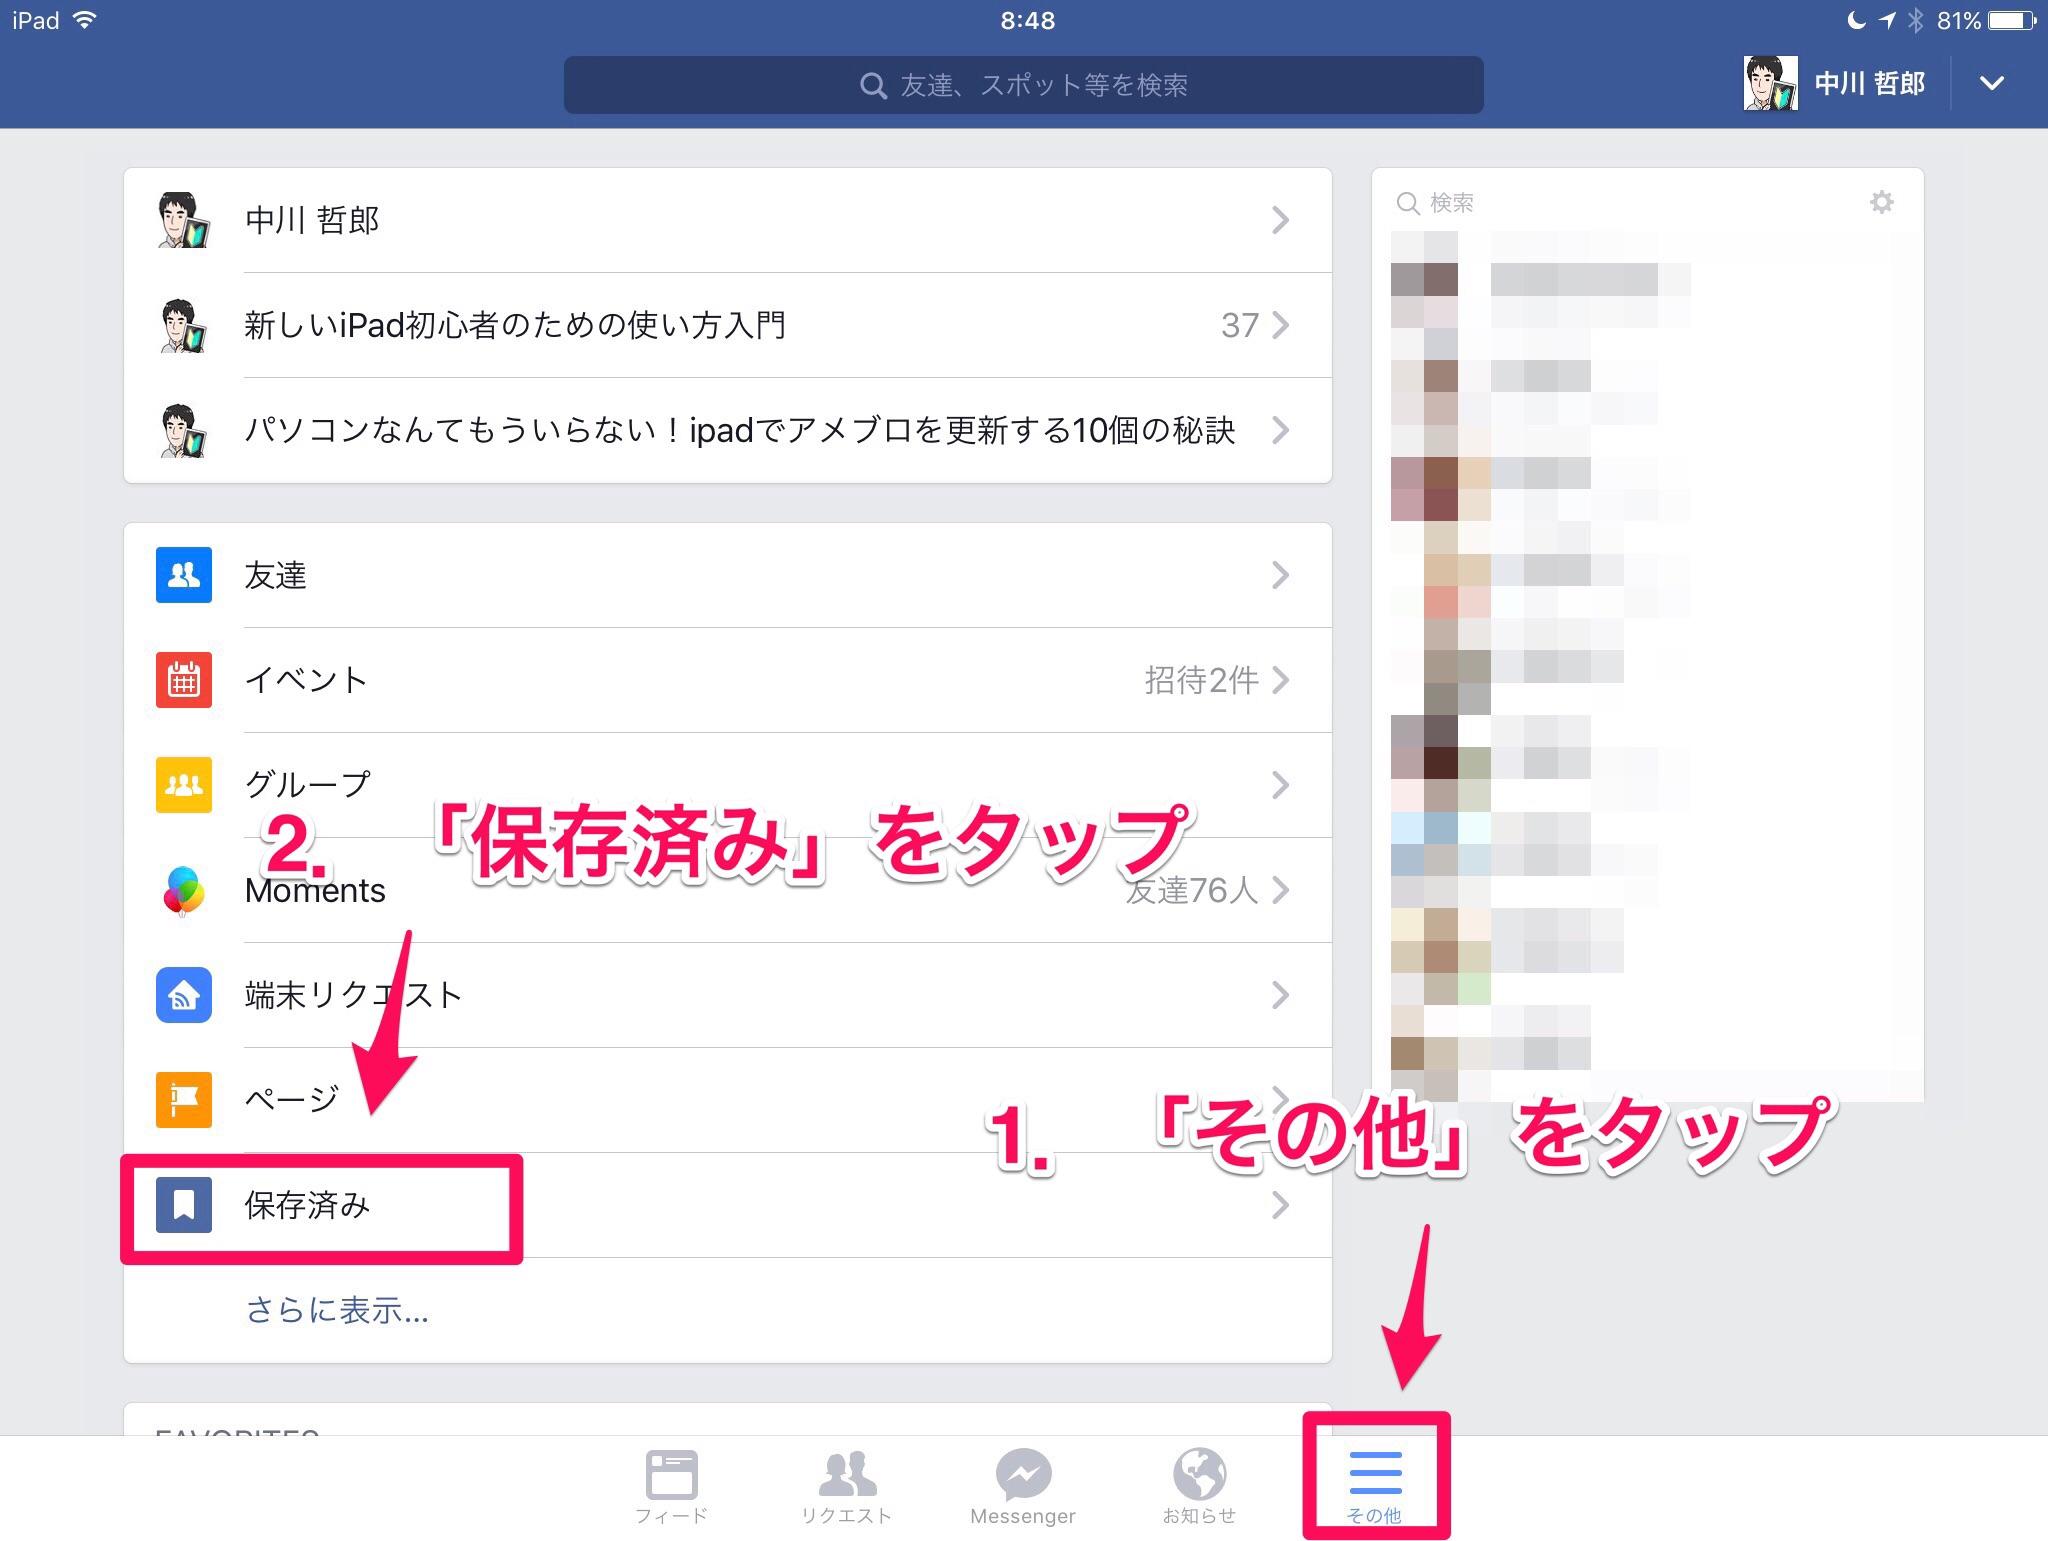 Facebookで保存した動画や投稿をメッセンジャーで送る方法 Ipad